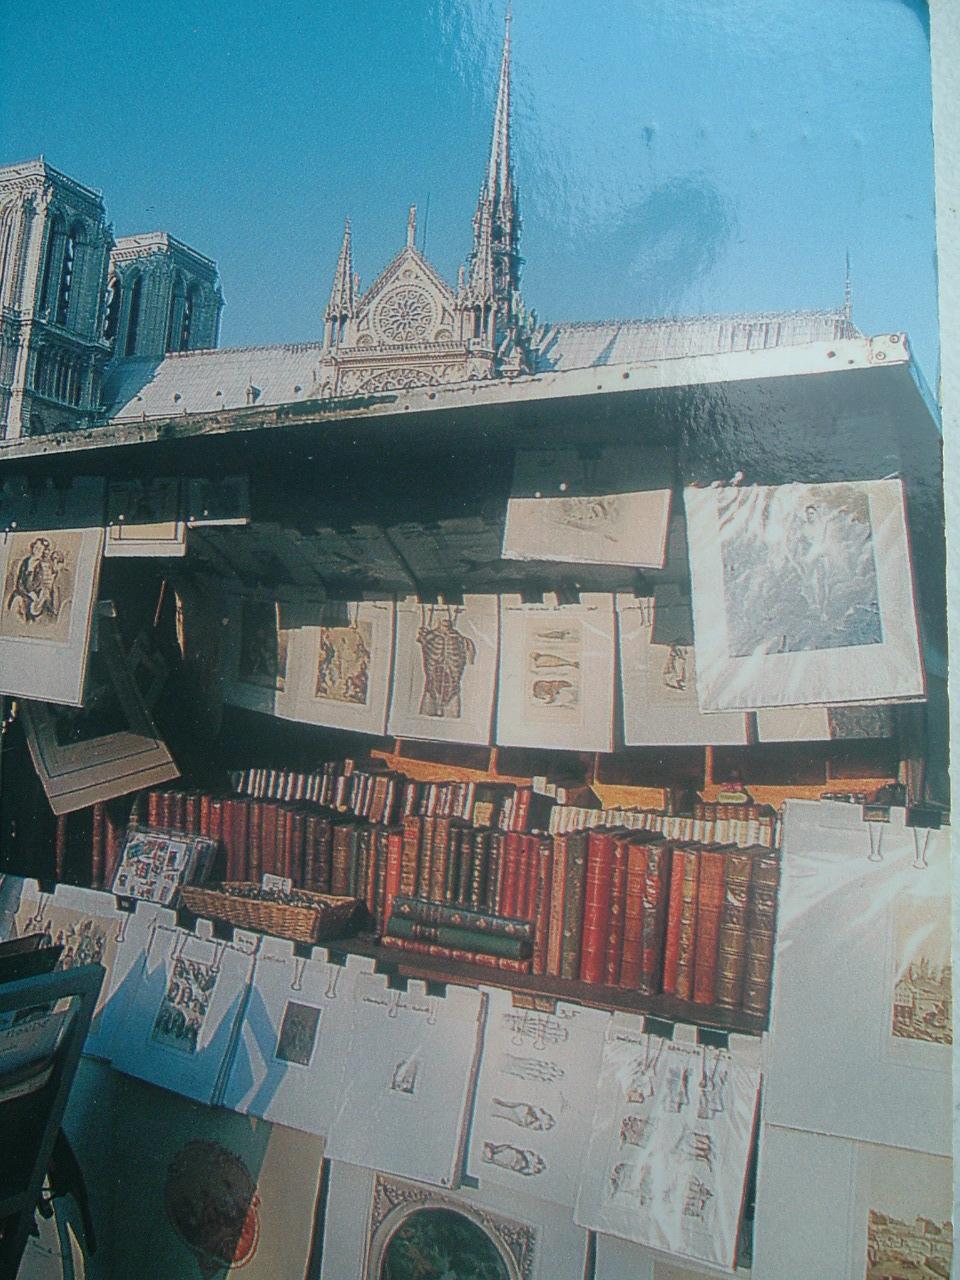 Libri sul LungoSenna a Parigi